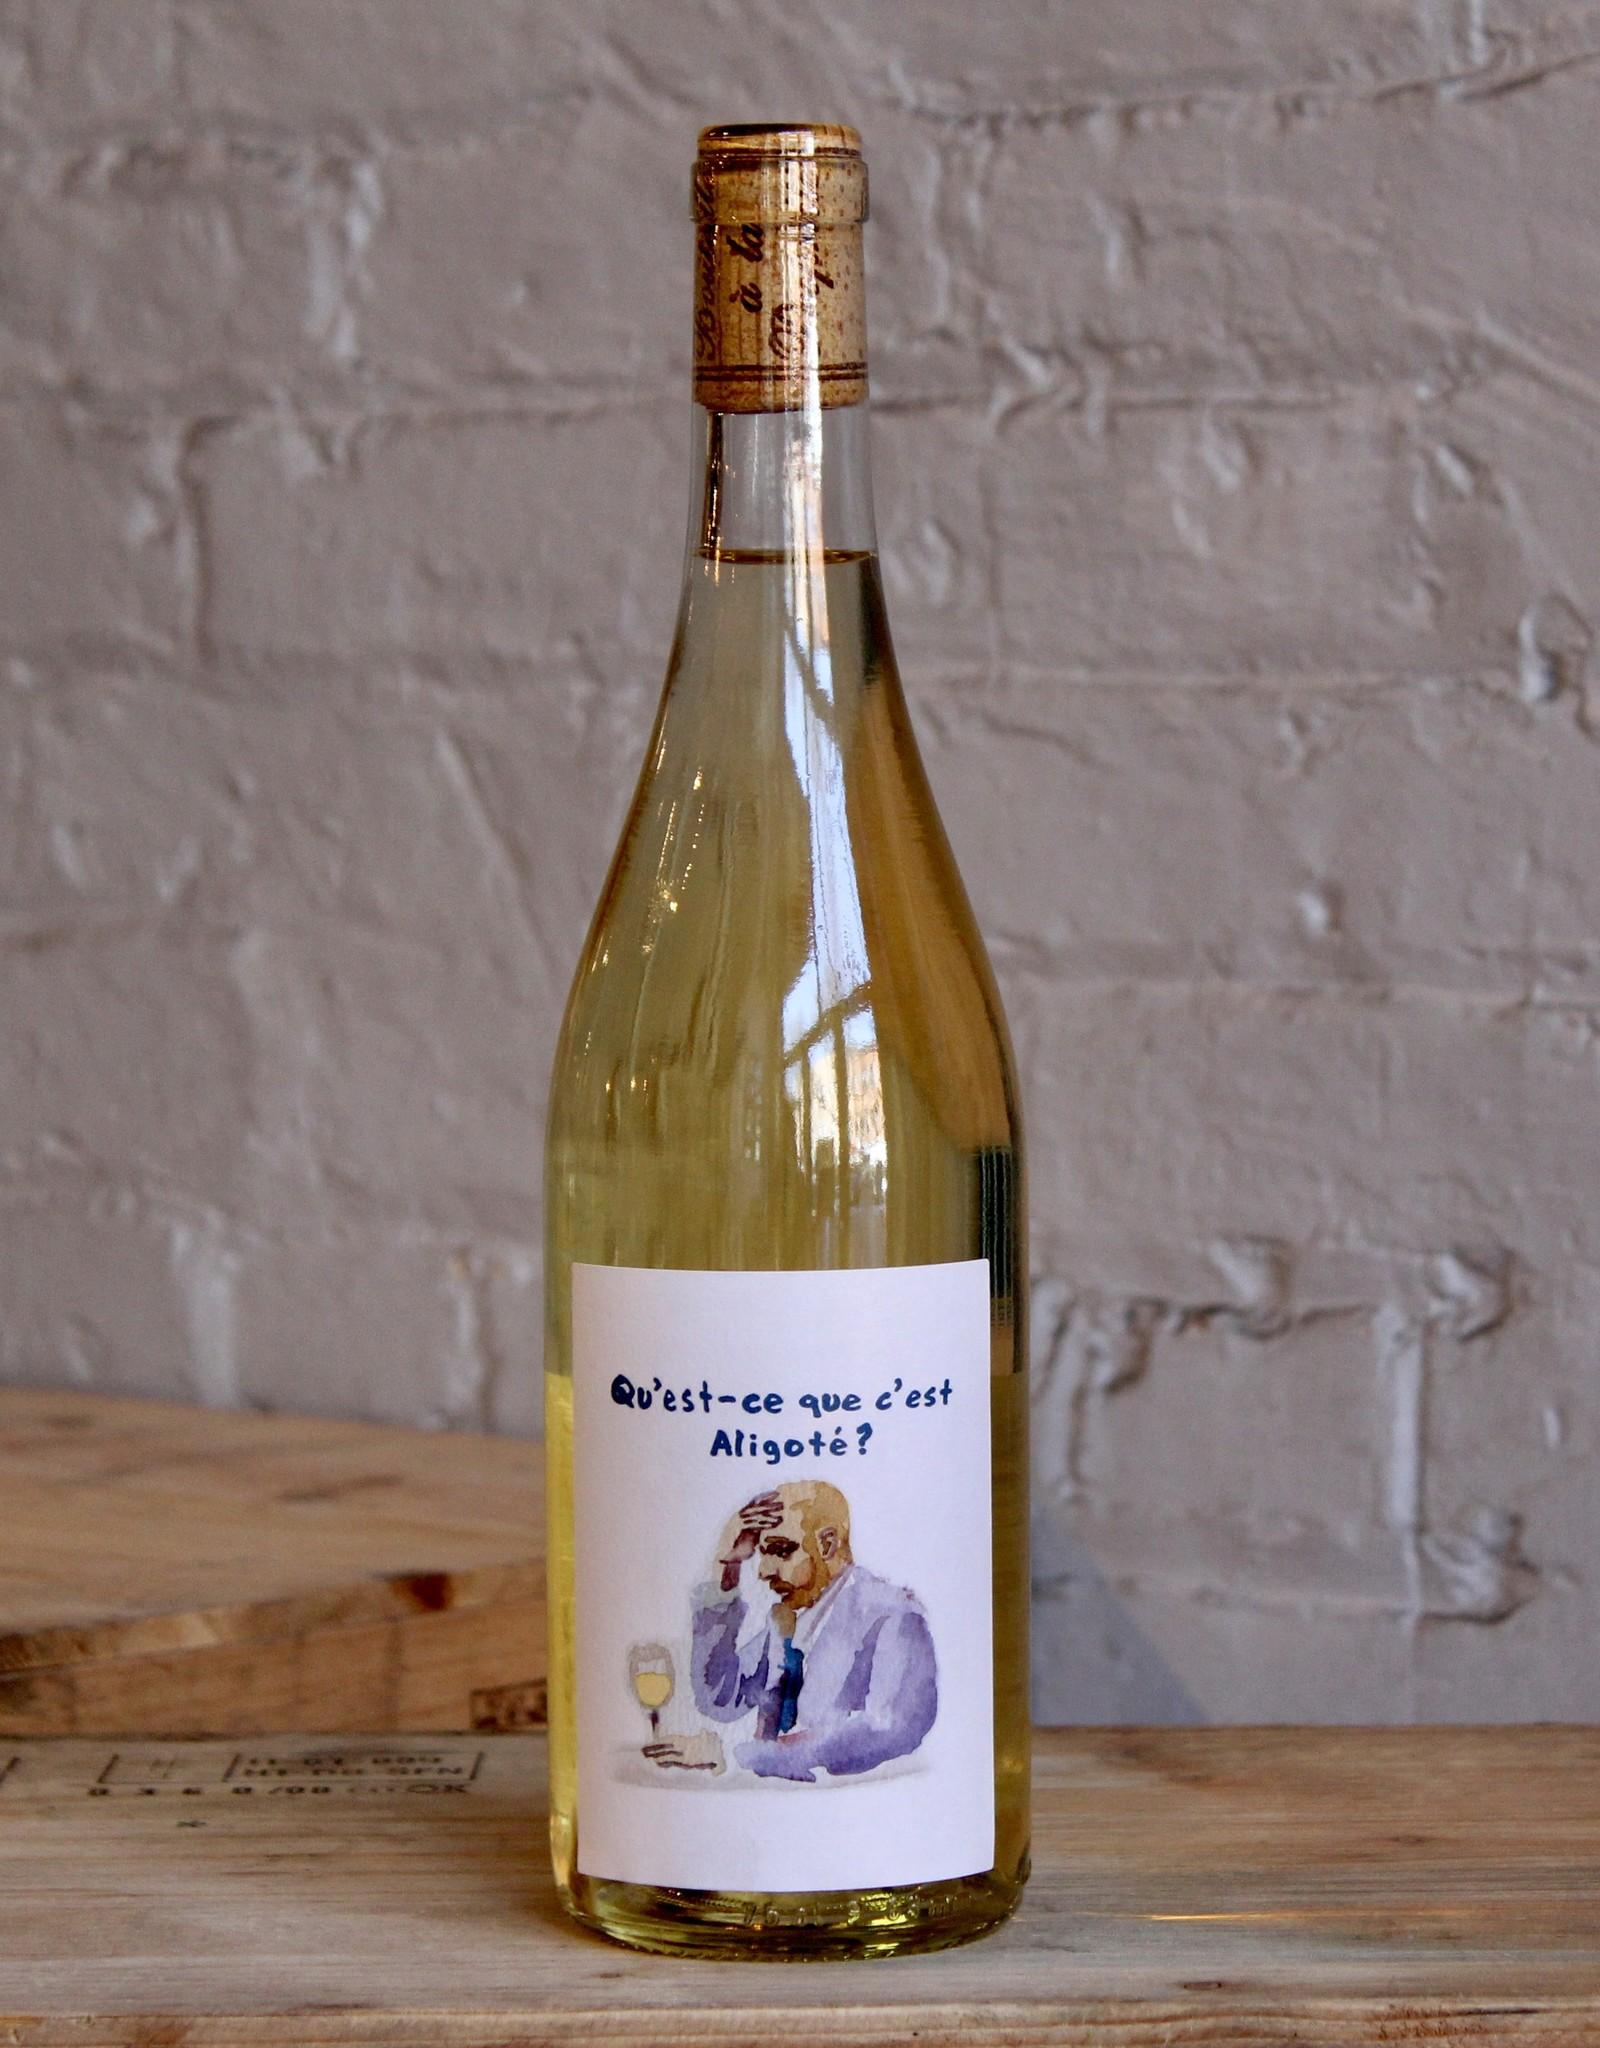 Wine 2019 Moutard-Diligent Qu'est-ce que c'est Aligoté? - Burgundy, France (750ml)